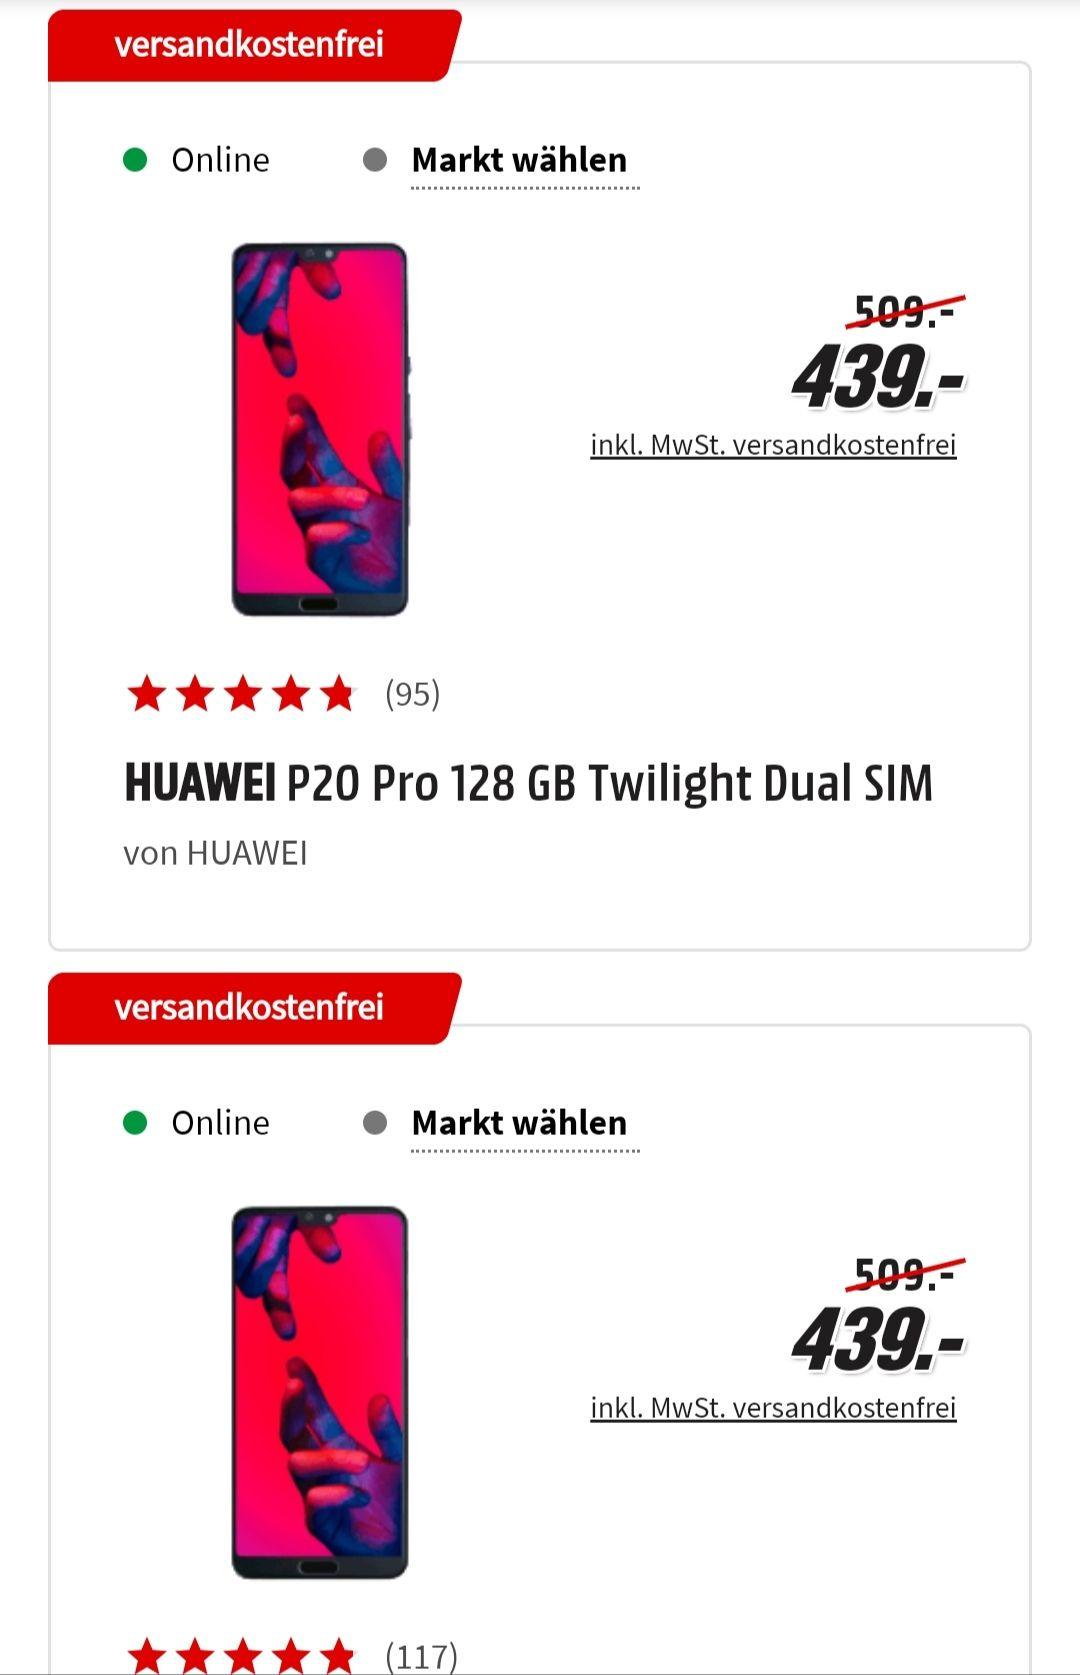 Huawei P20 pro für 439€